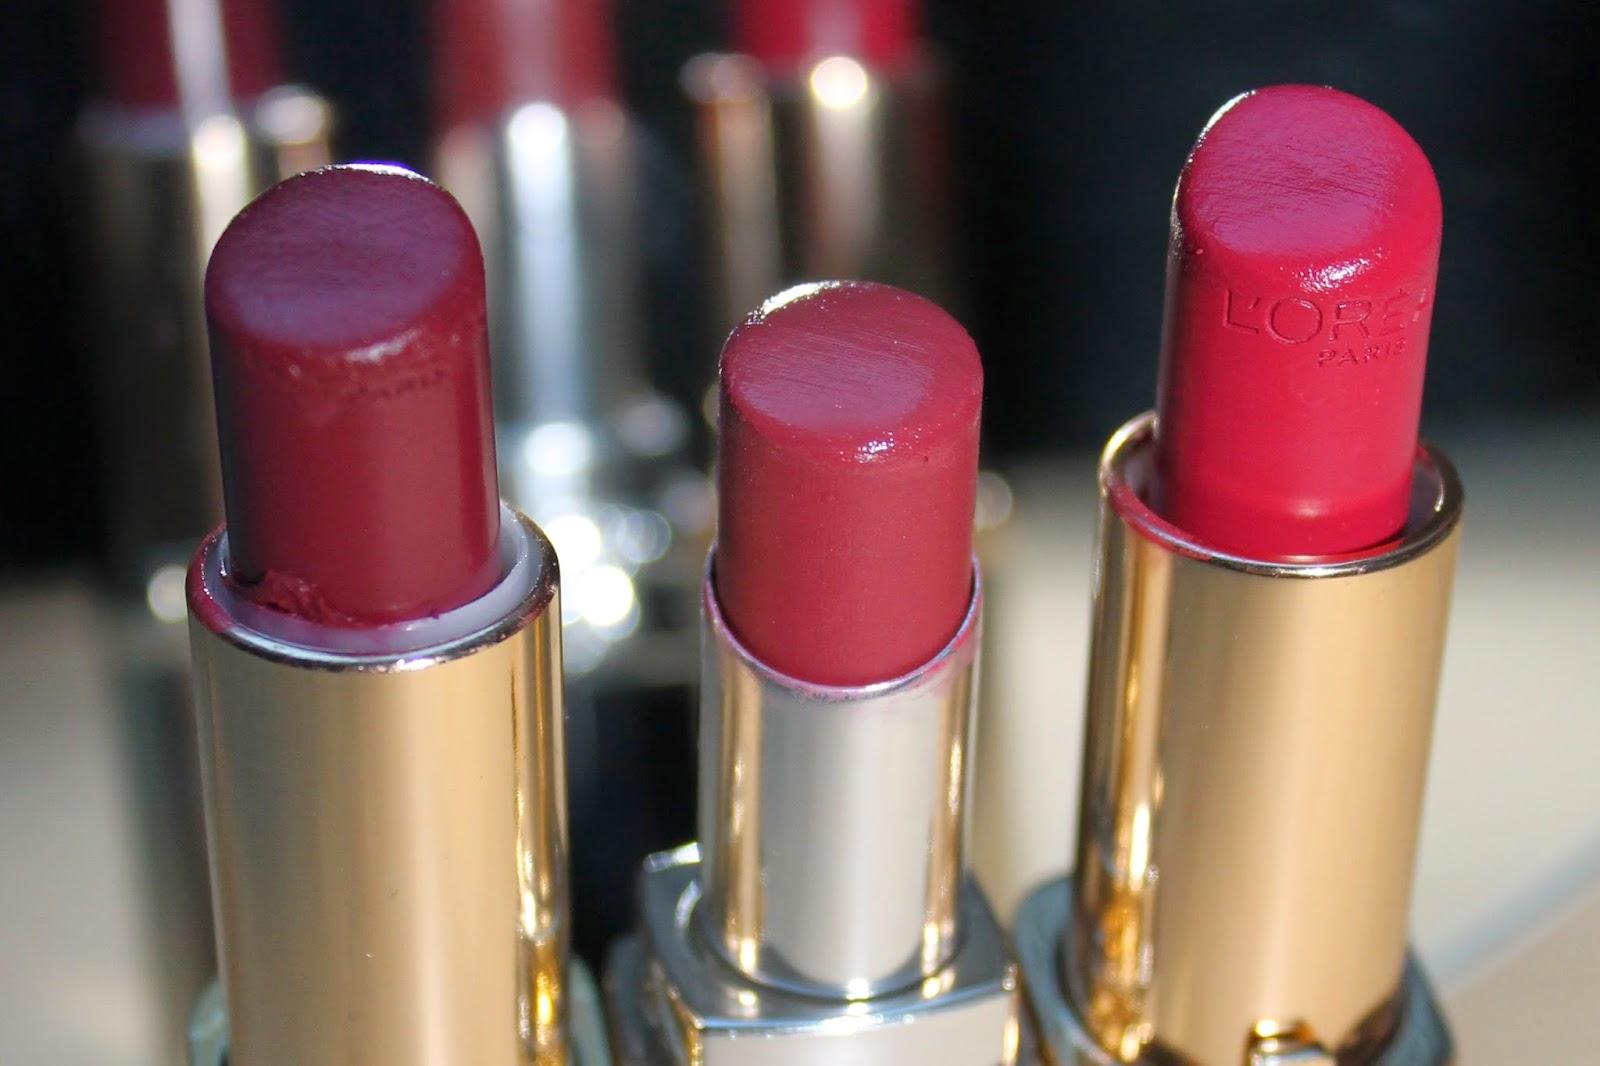 minimalistiques-makeup-maquillage-rouge-a-levre-l-oreal-paris-color-riche-chanel-lancome-labello-sephora-dior